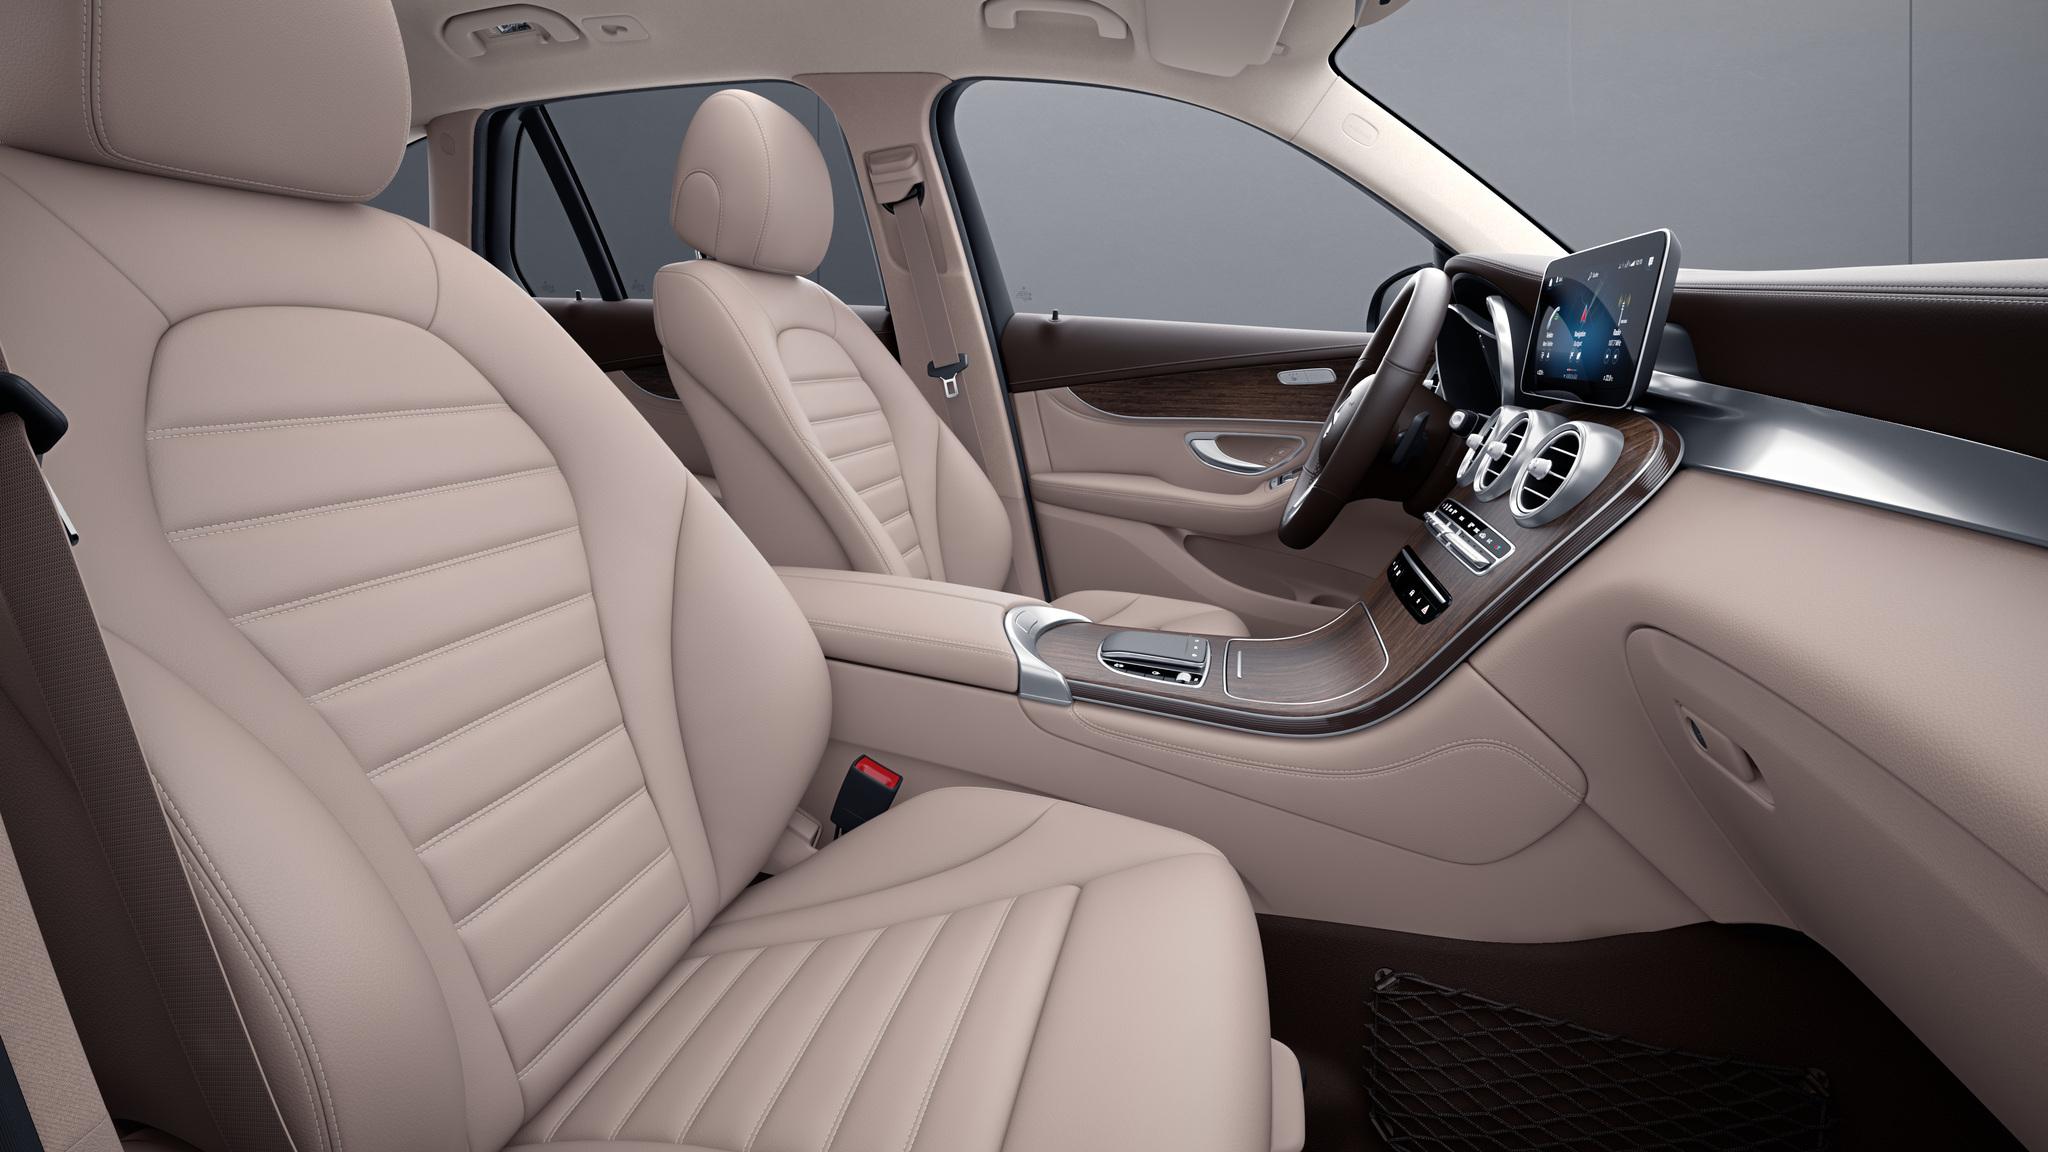 Habitacle de la Mercedes GLC avec une Sellerie cuir - beige soie naturelle marron expresso